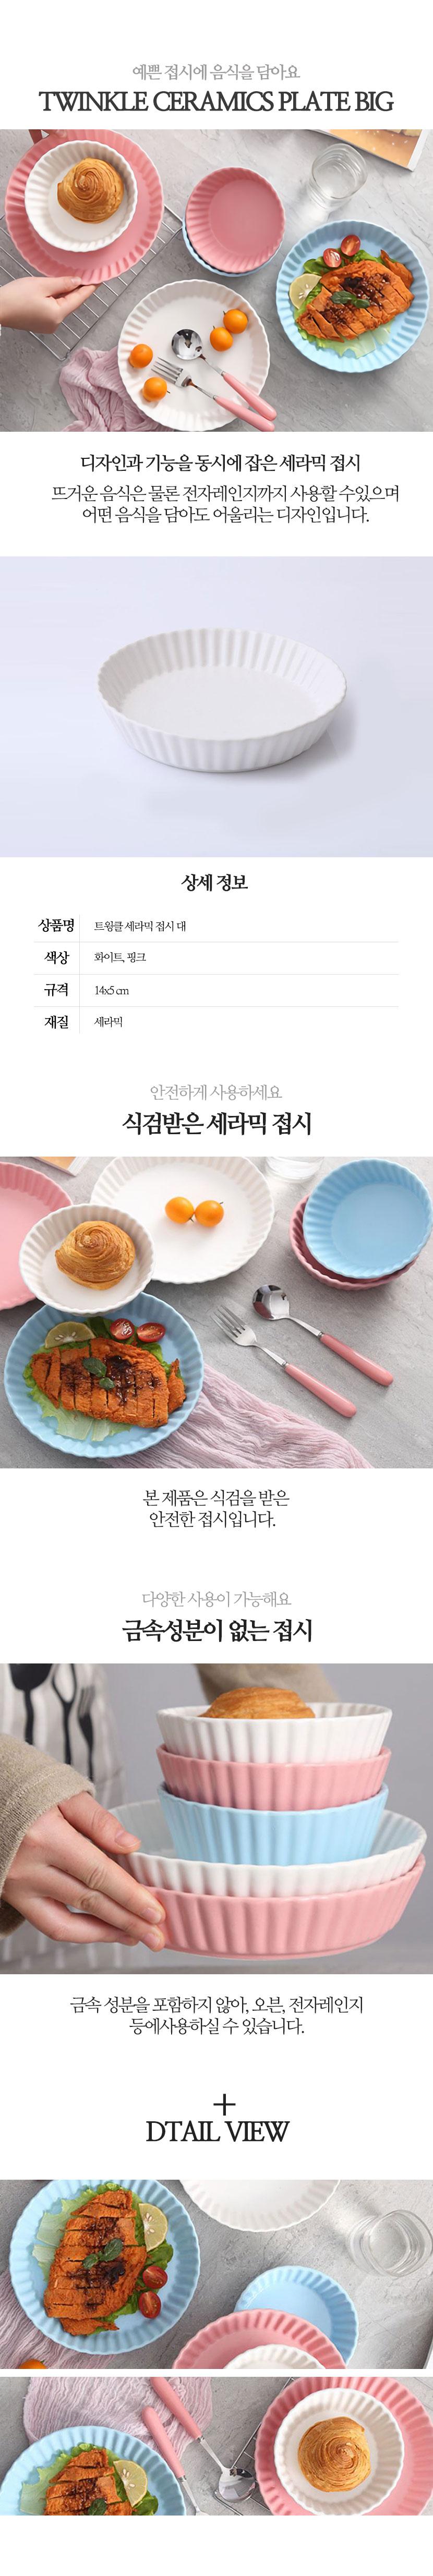 세라믹 트윙클 접시 대(화이트/핑크) - 룸바이디자인, 13,700원, 접시/찬기, 접시